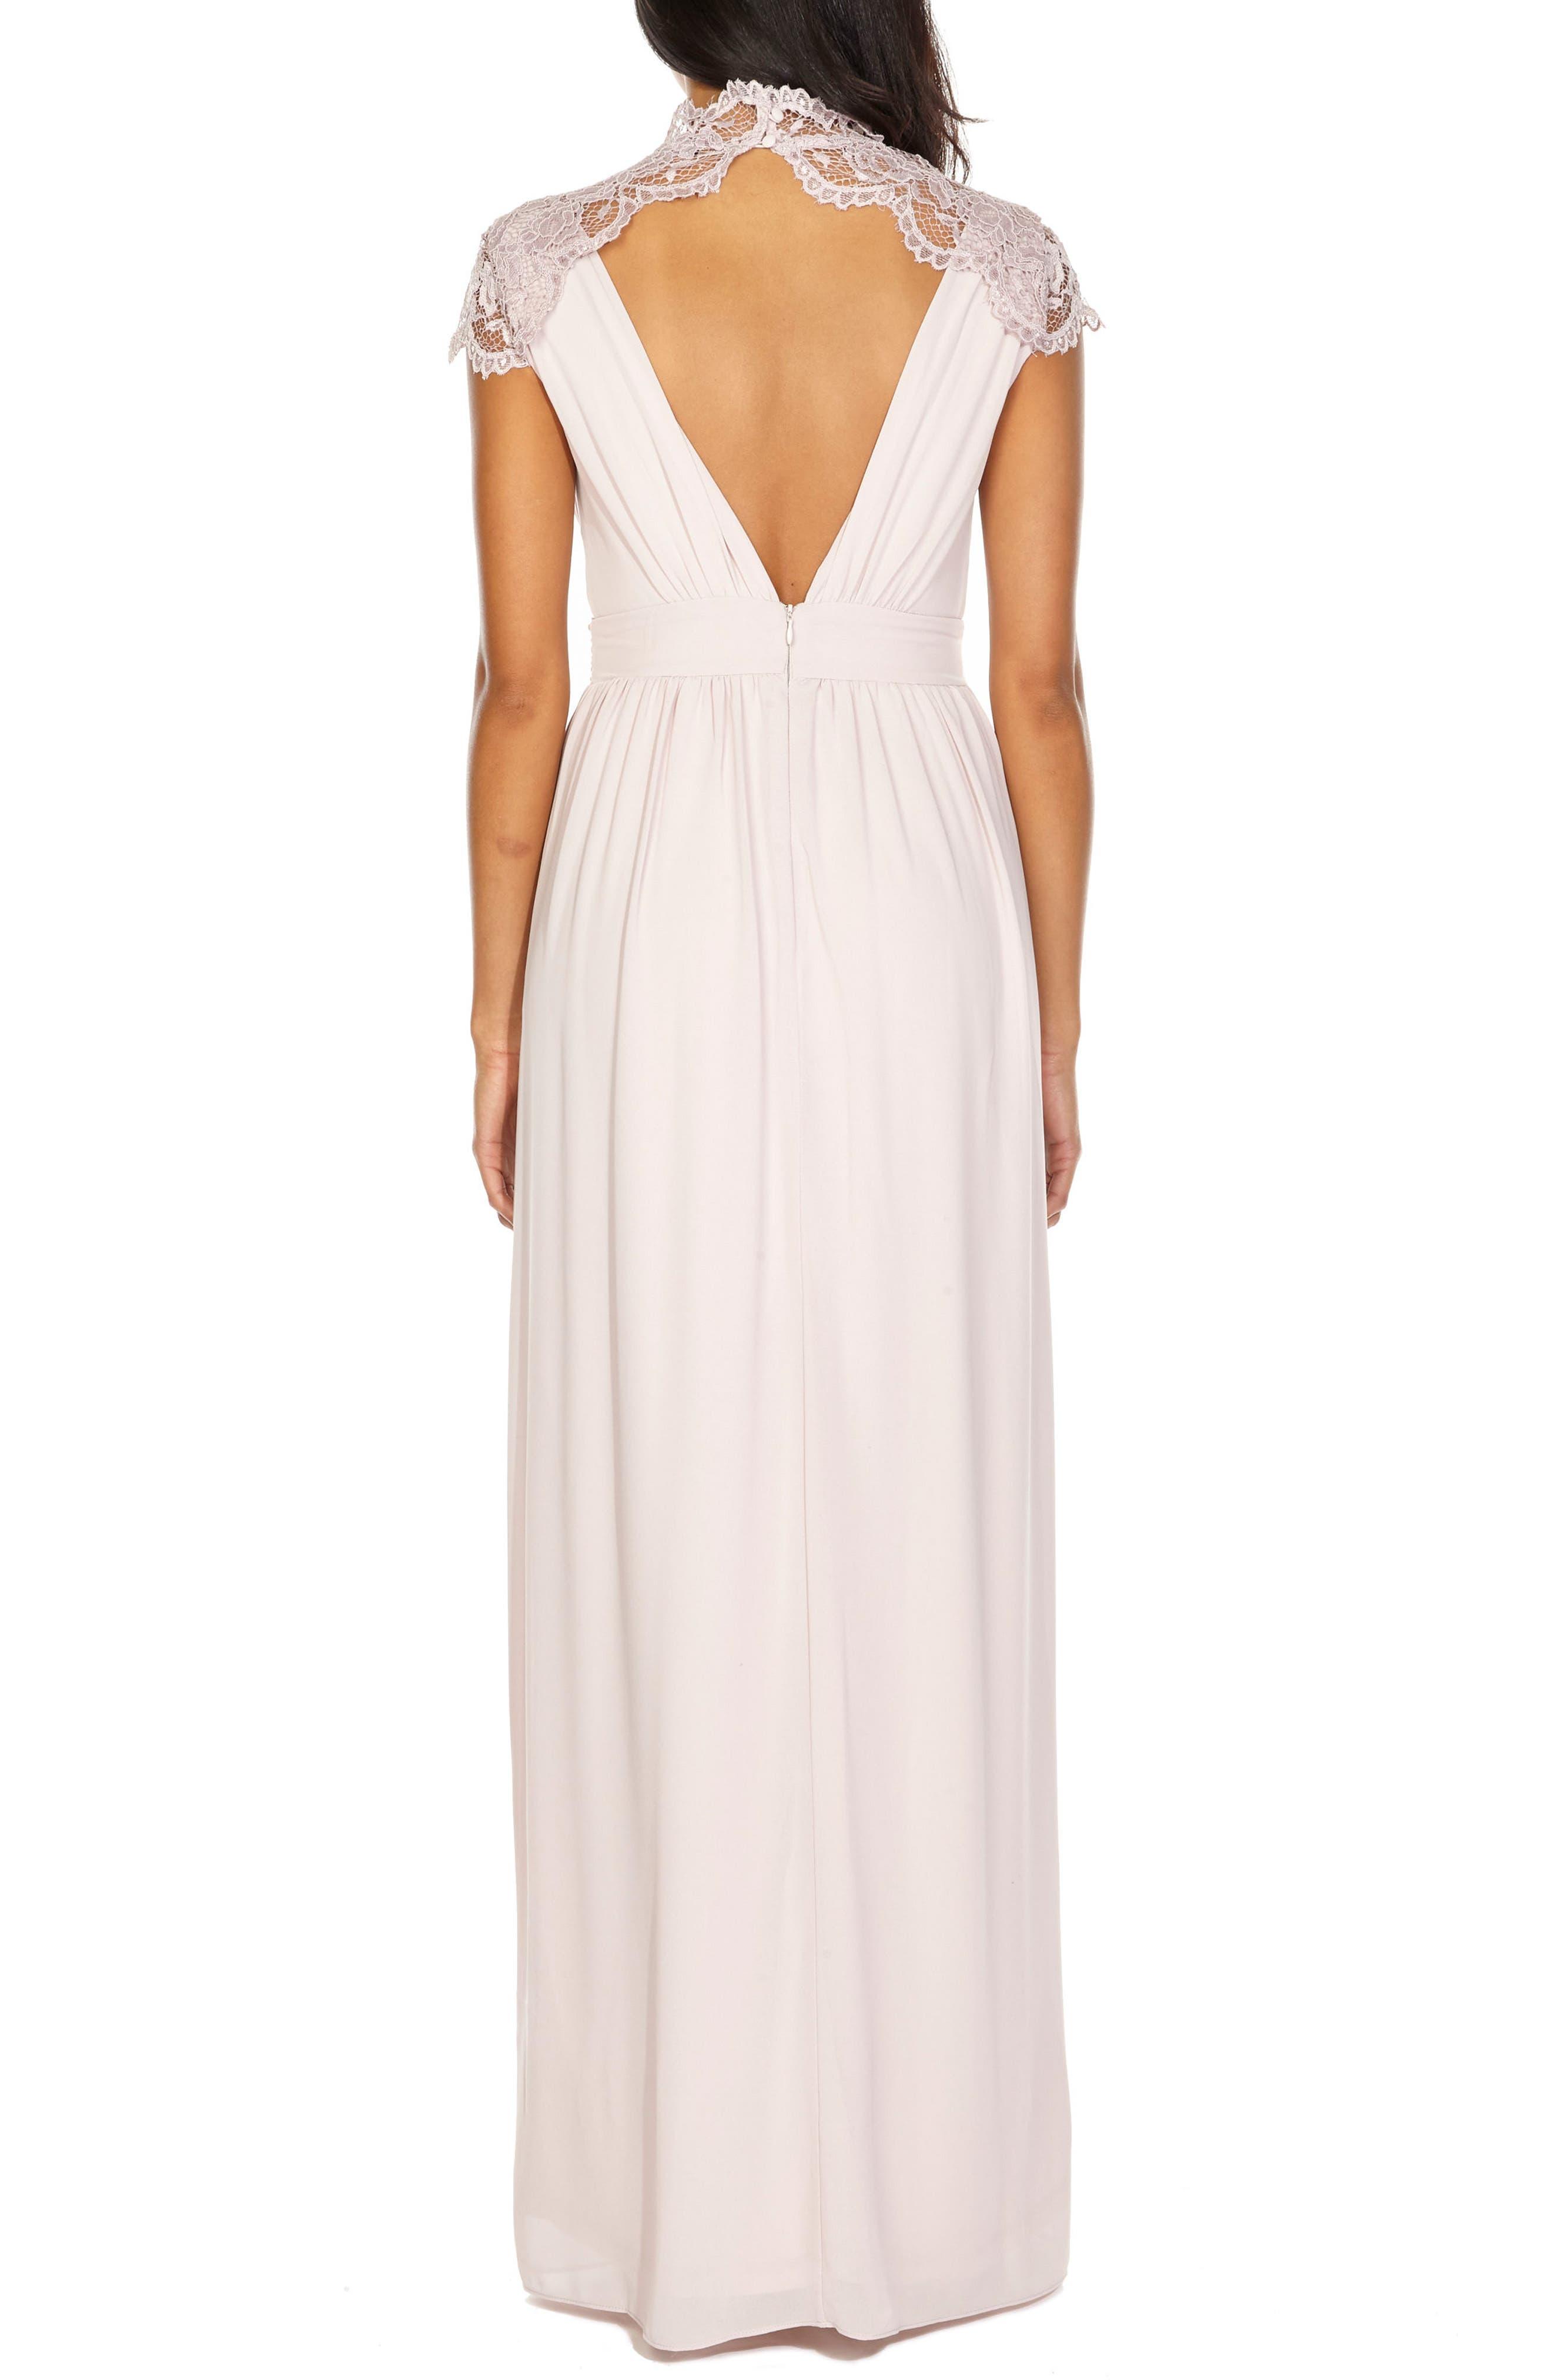 Sanna Lace Trim Chiffon Gown,                             Alternate thumbnail 2, color,                             NEW MINK